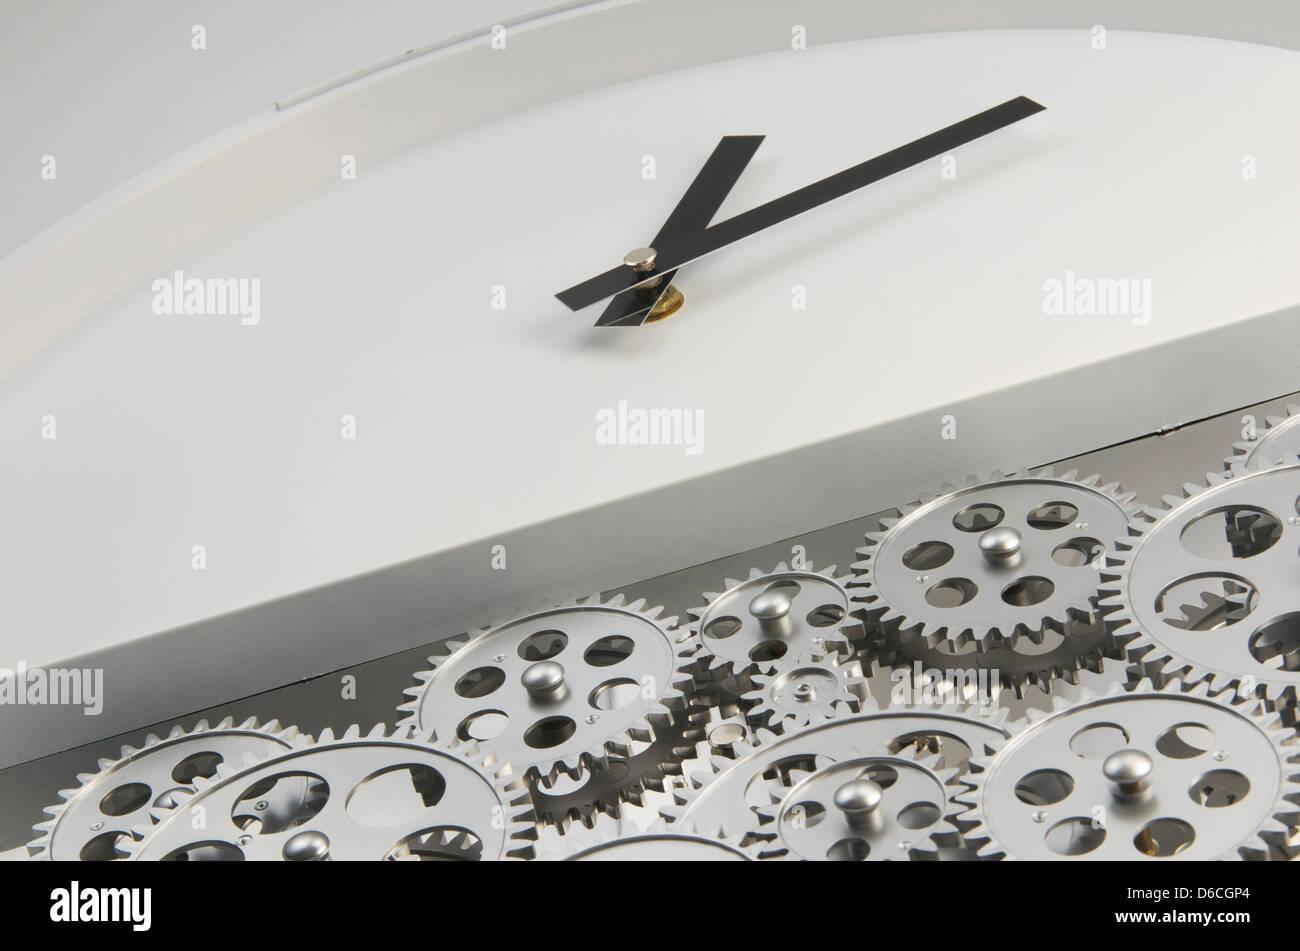 D'un coup de l'incliné face blanche horloge avec les mains noires et les pignons montrant dans sa moitié Photo Stock